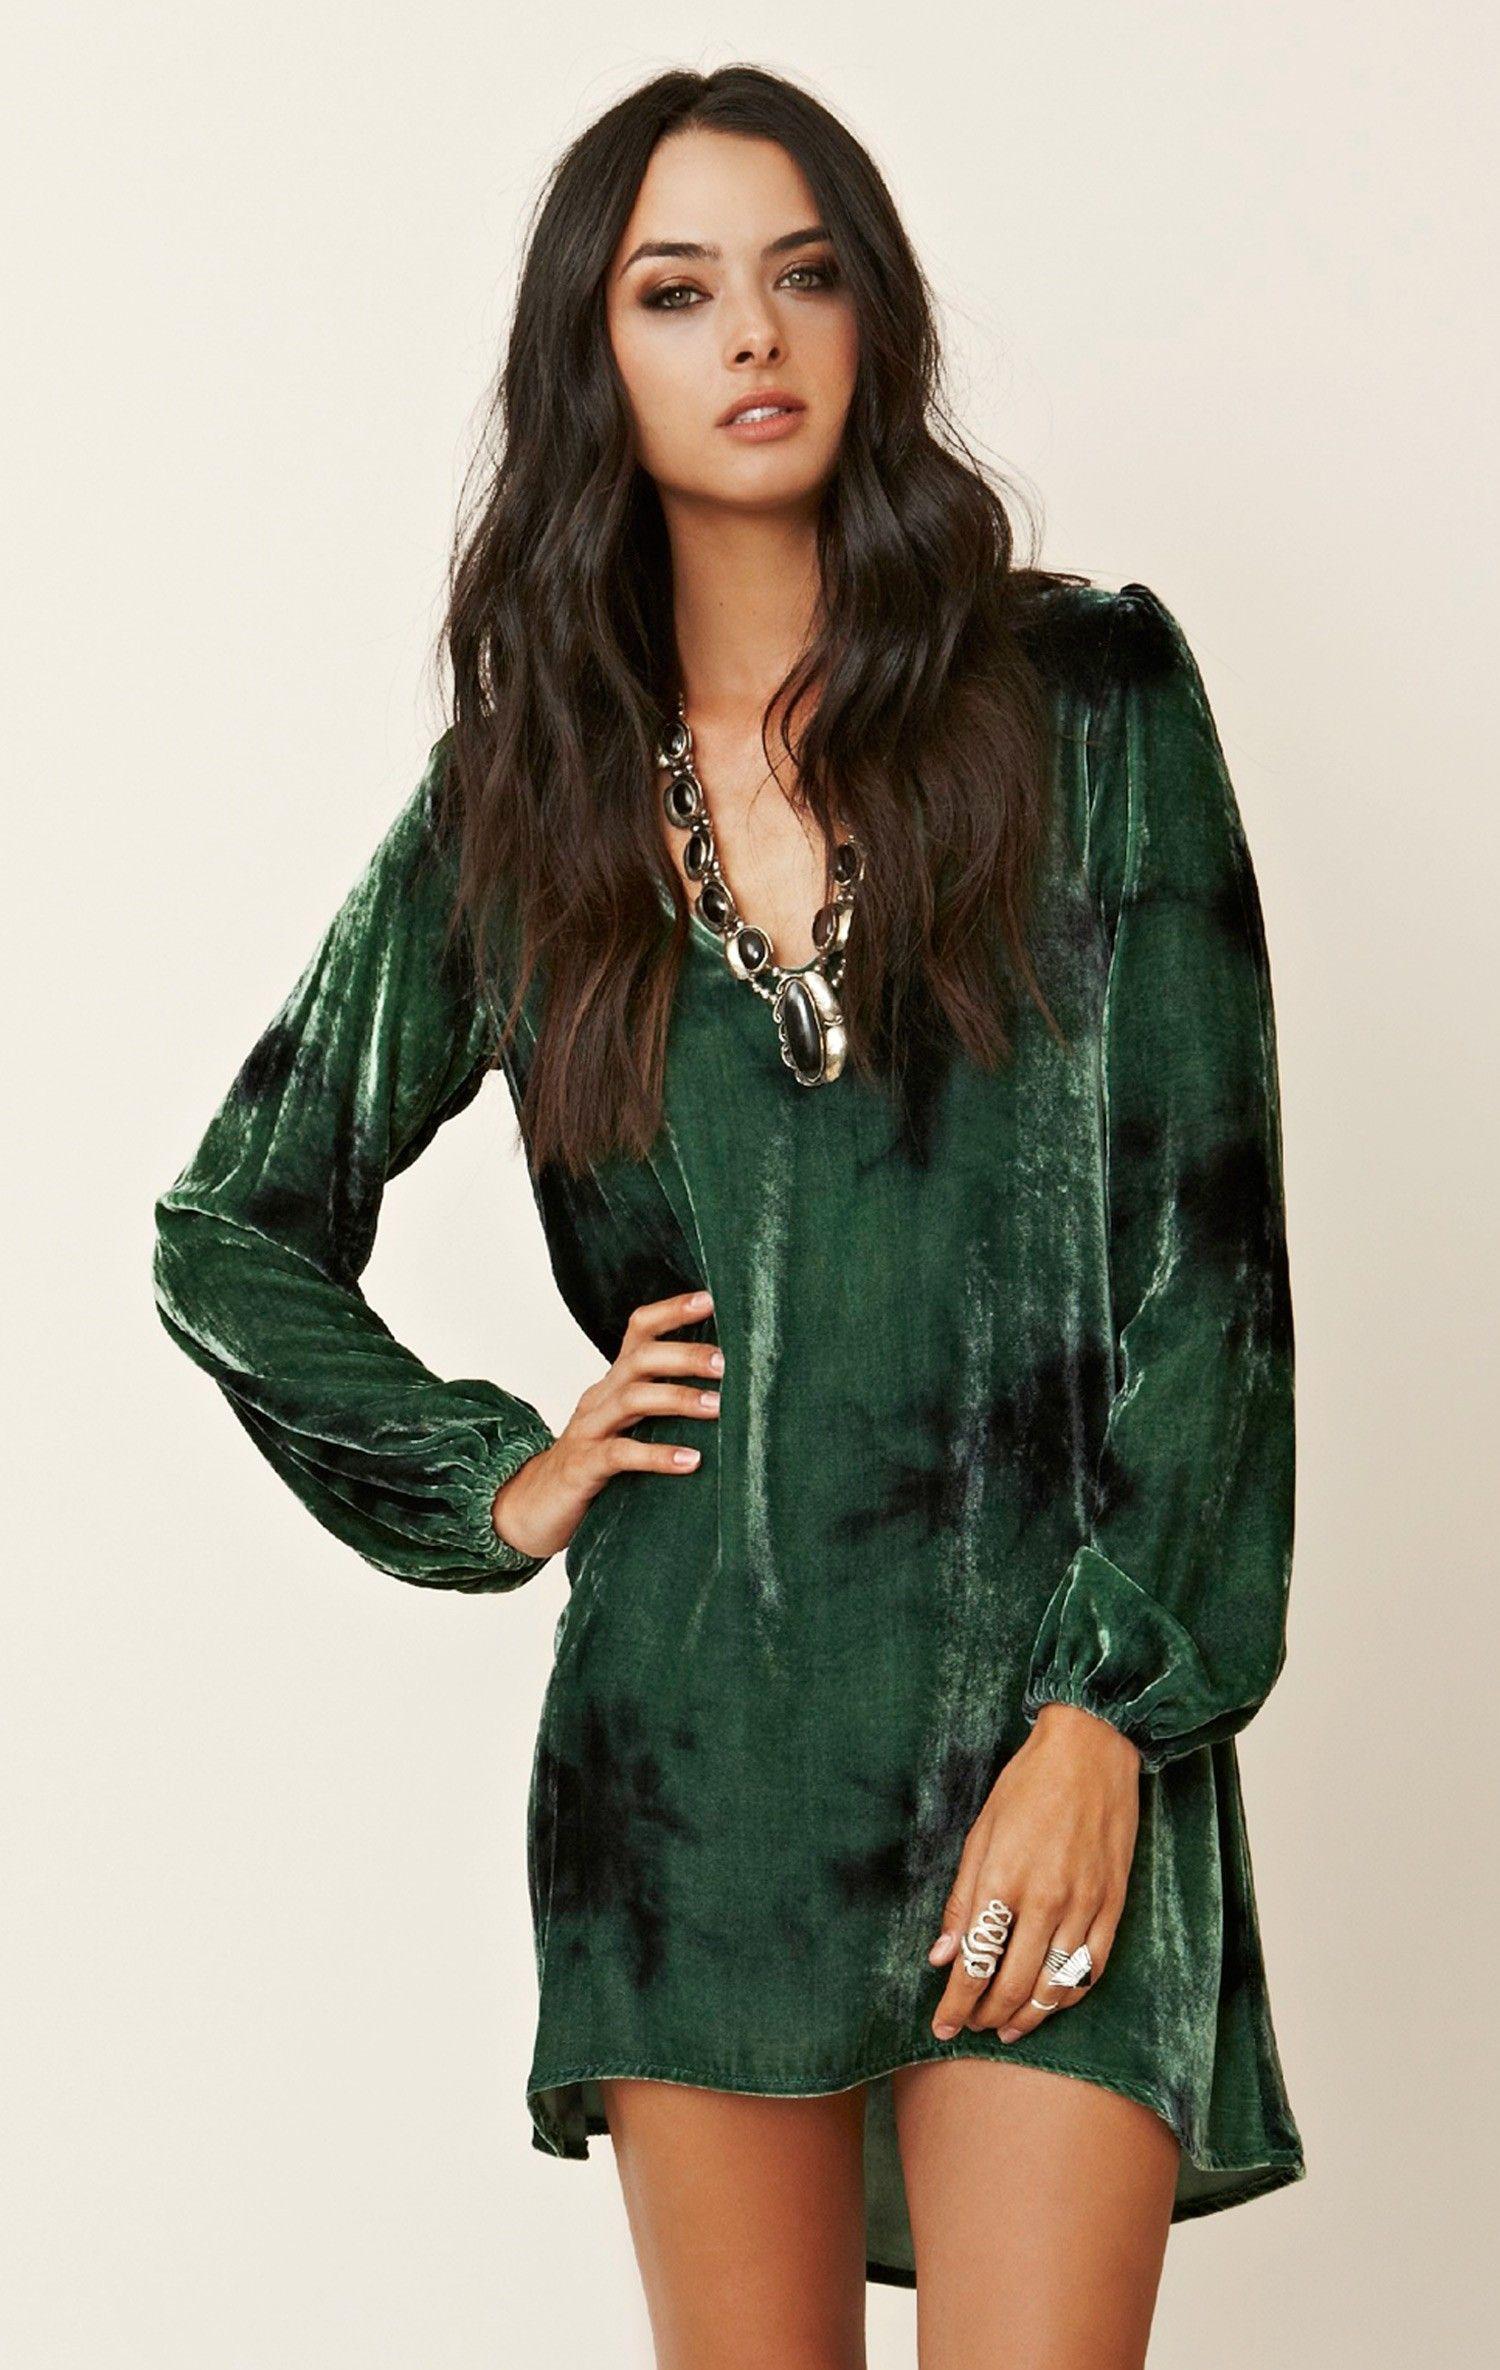 Green dress v neck  VNeck Tie Dye Velvet Bell Sleeve Dress  Moon Sleeved dress and